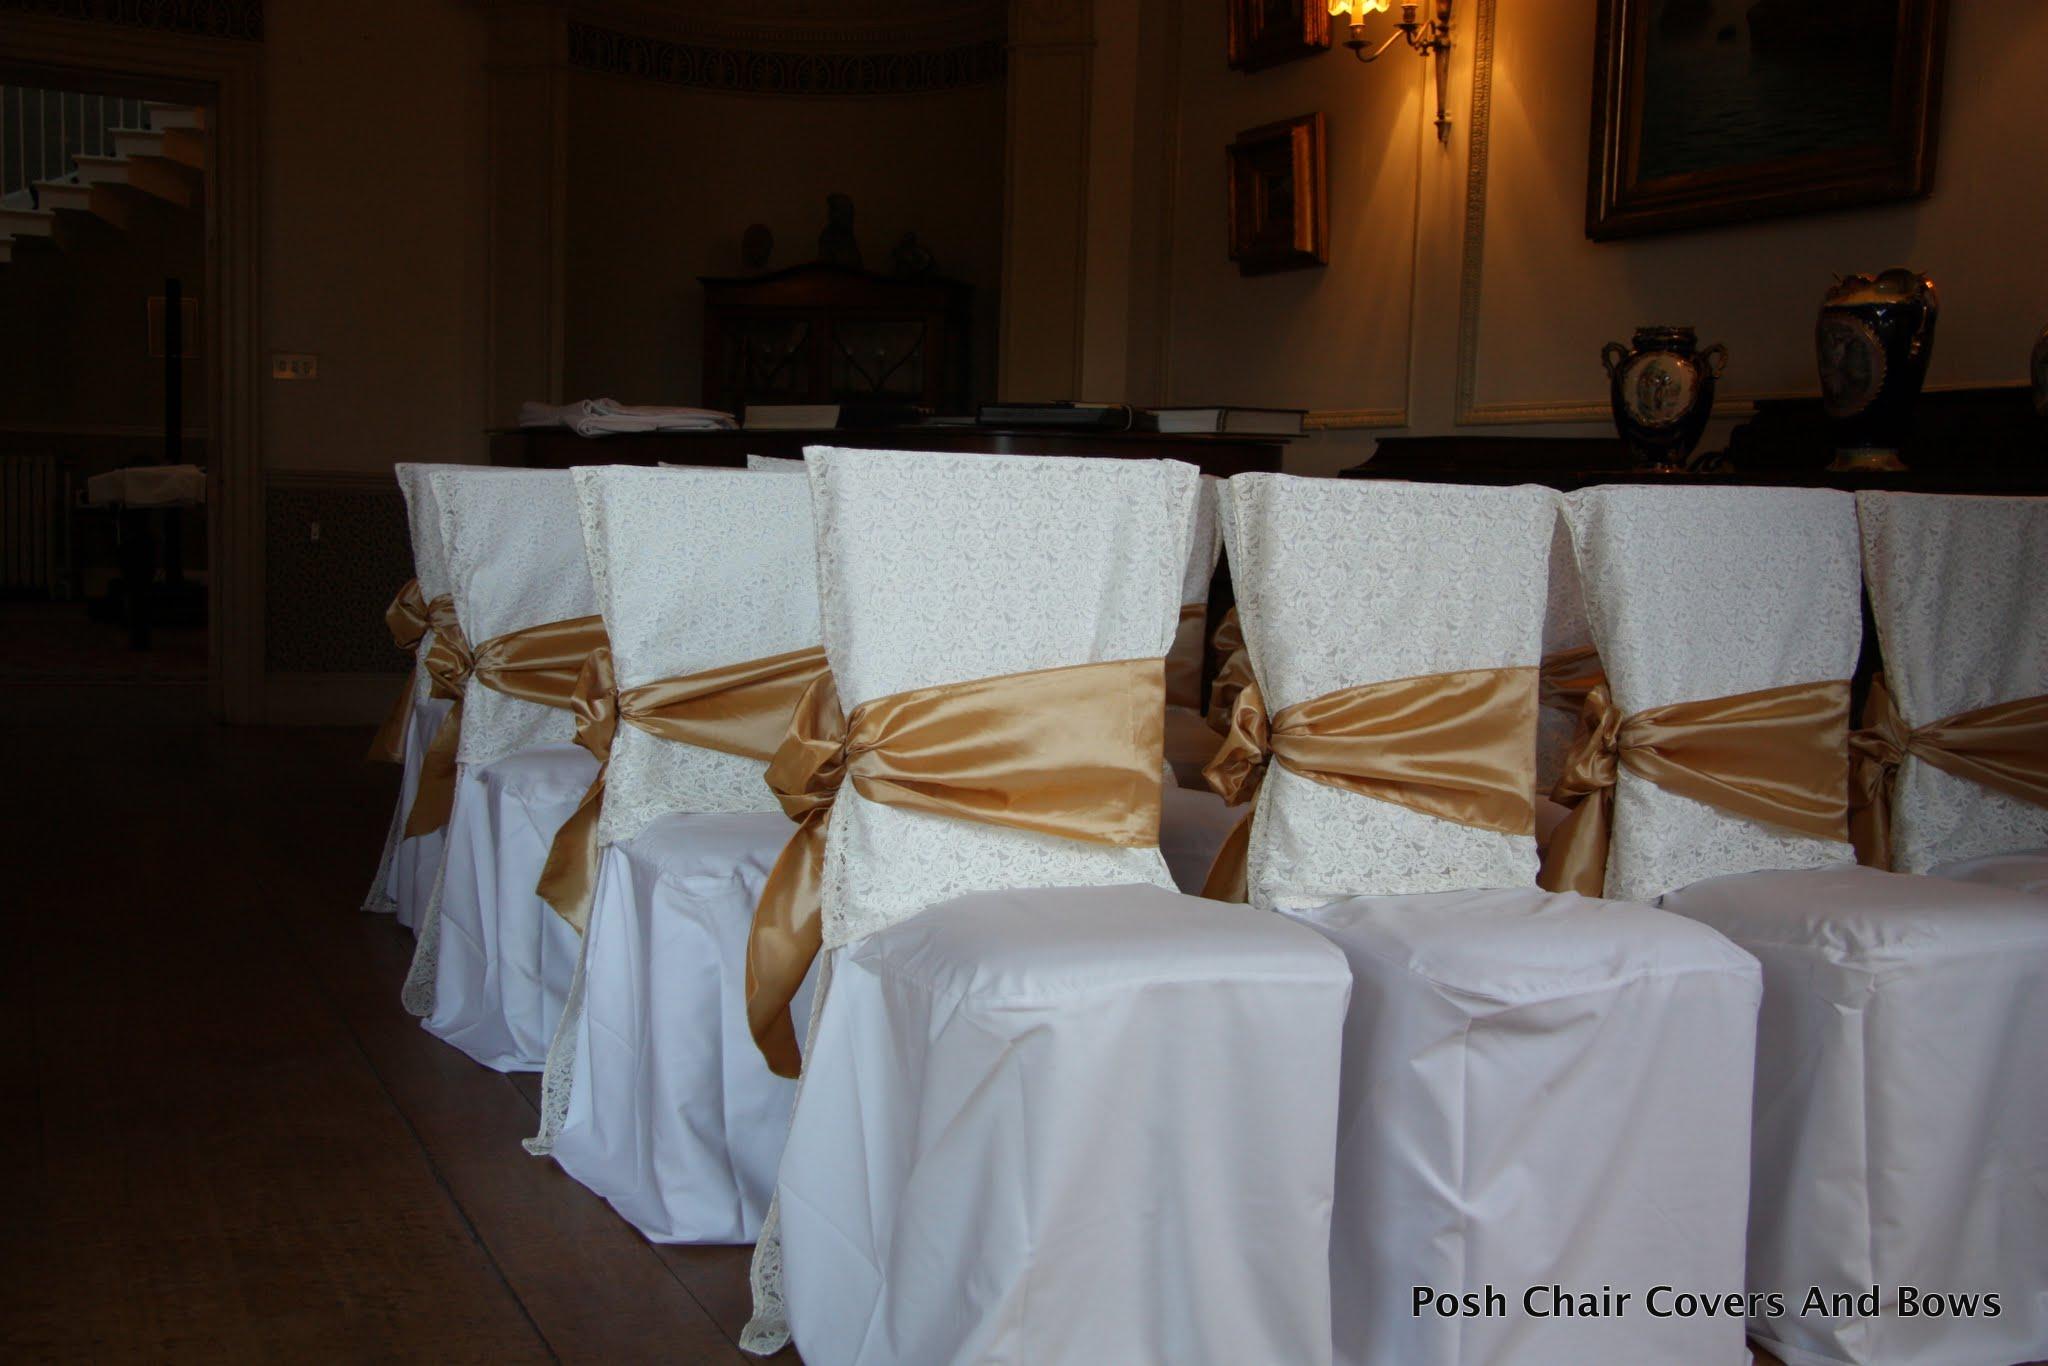 Superb Posh Chair Covers Bows Flower Wall Chiavari Chairs Machost Co Dining Chair Design Ideas Machostcouk